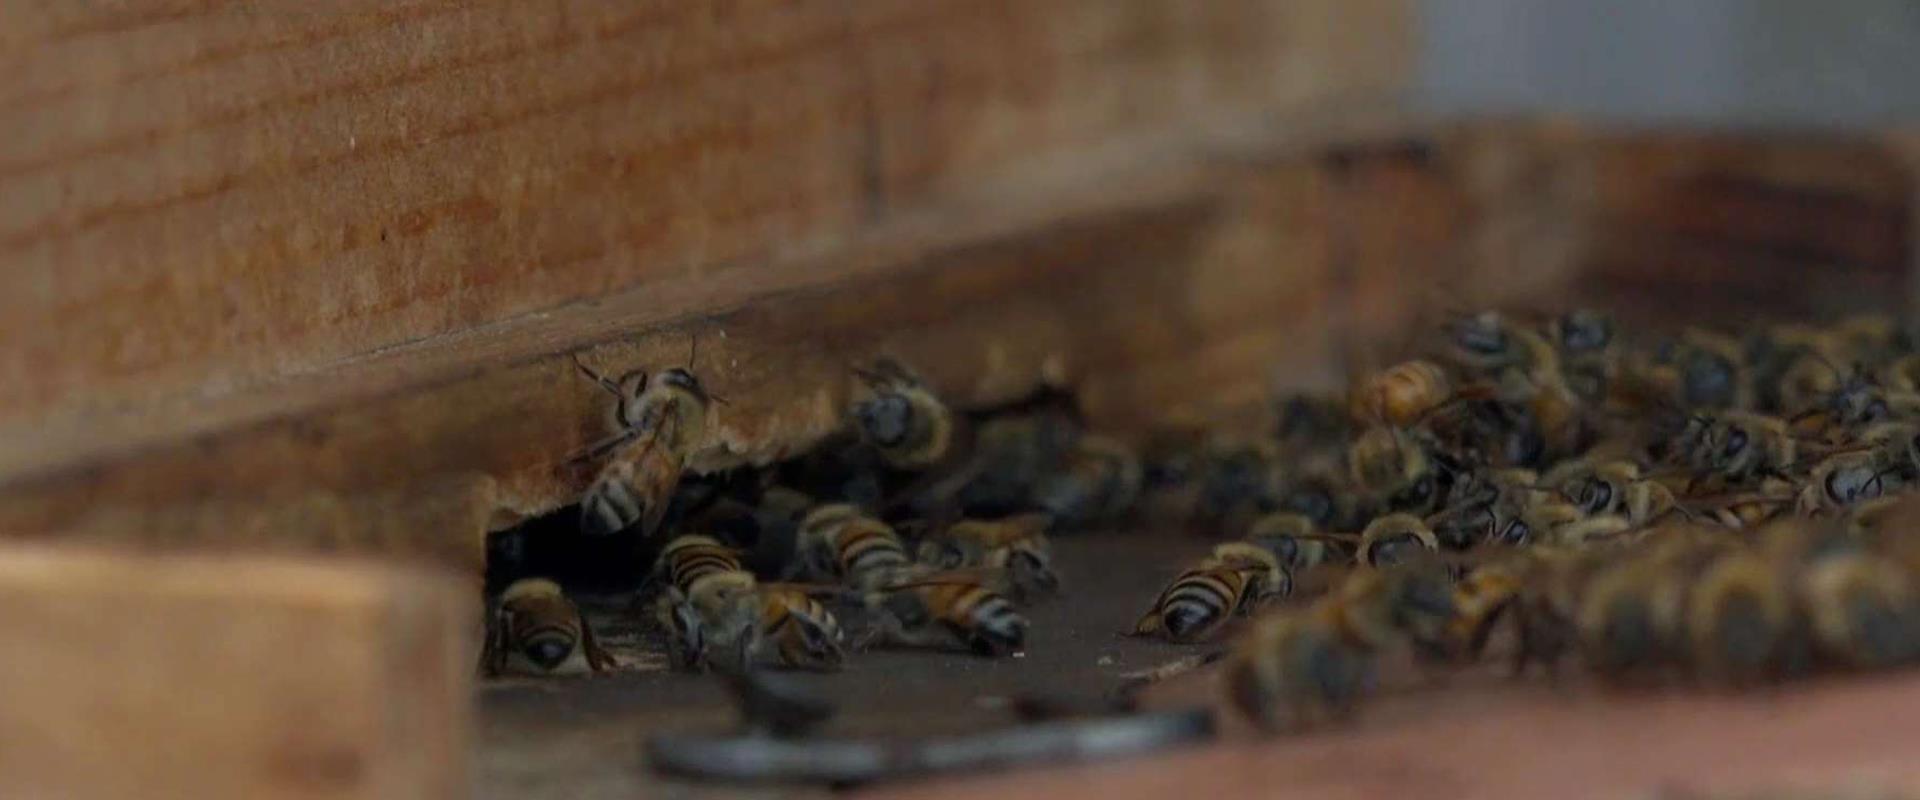 הדבורים ששינו את חייהן של הנשים באבו תור